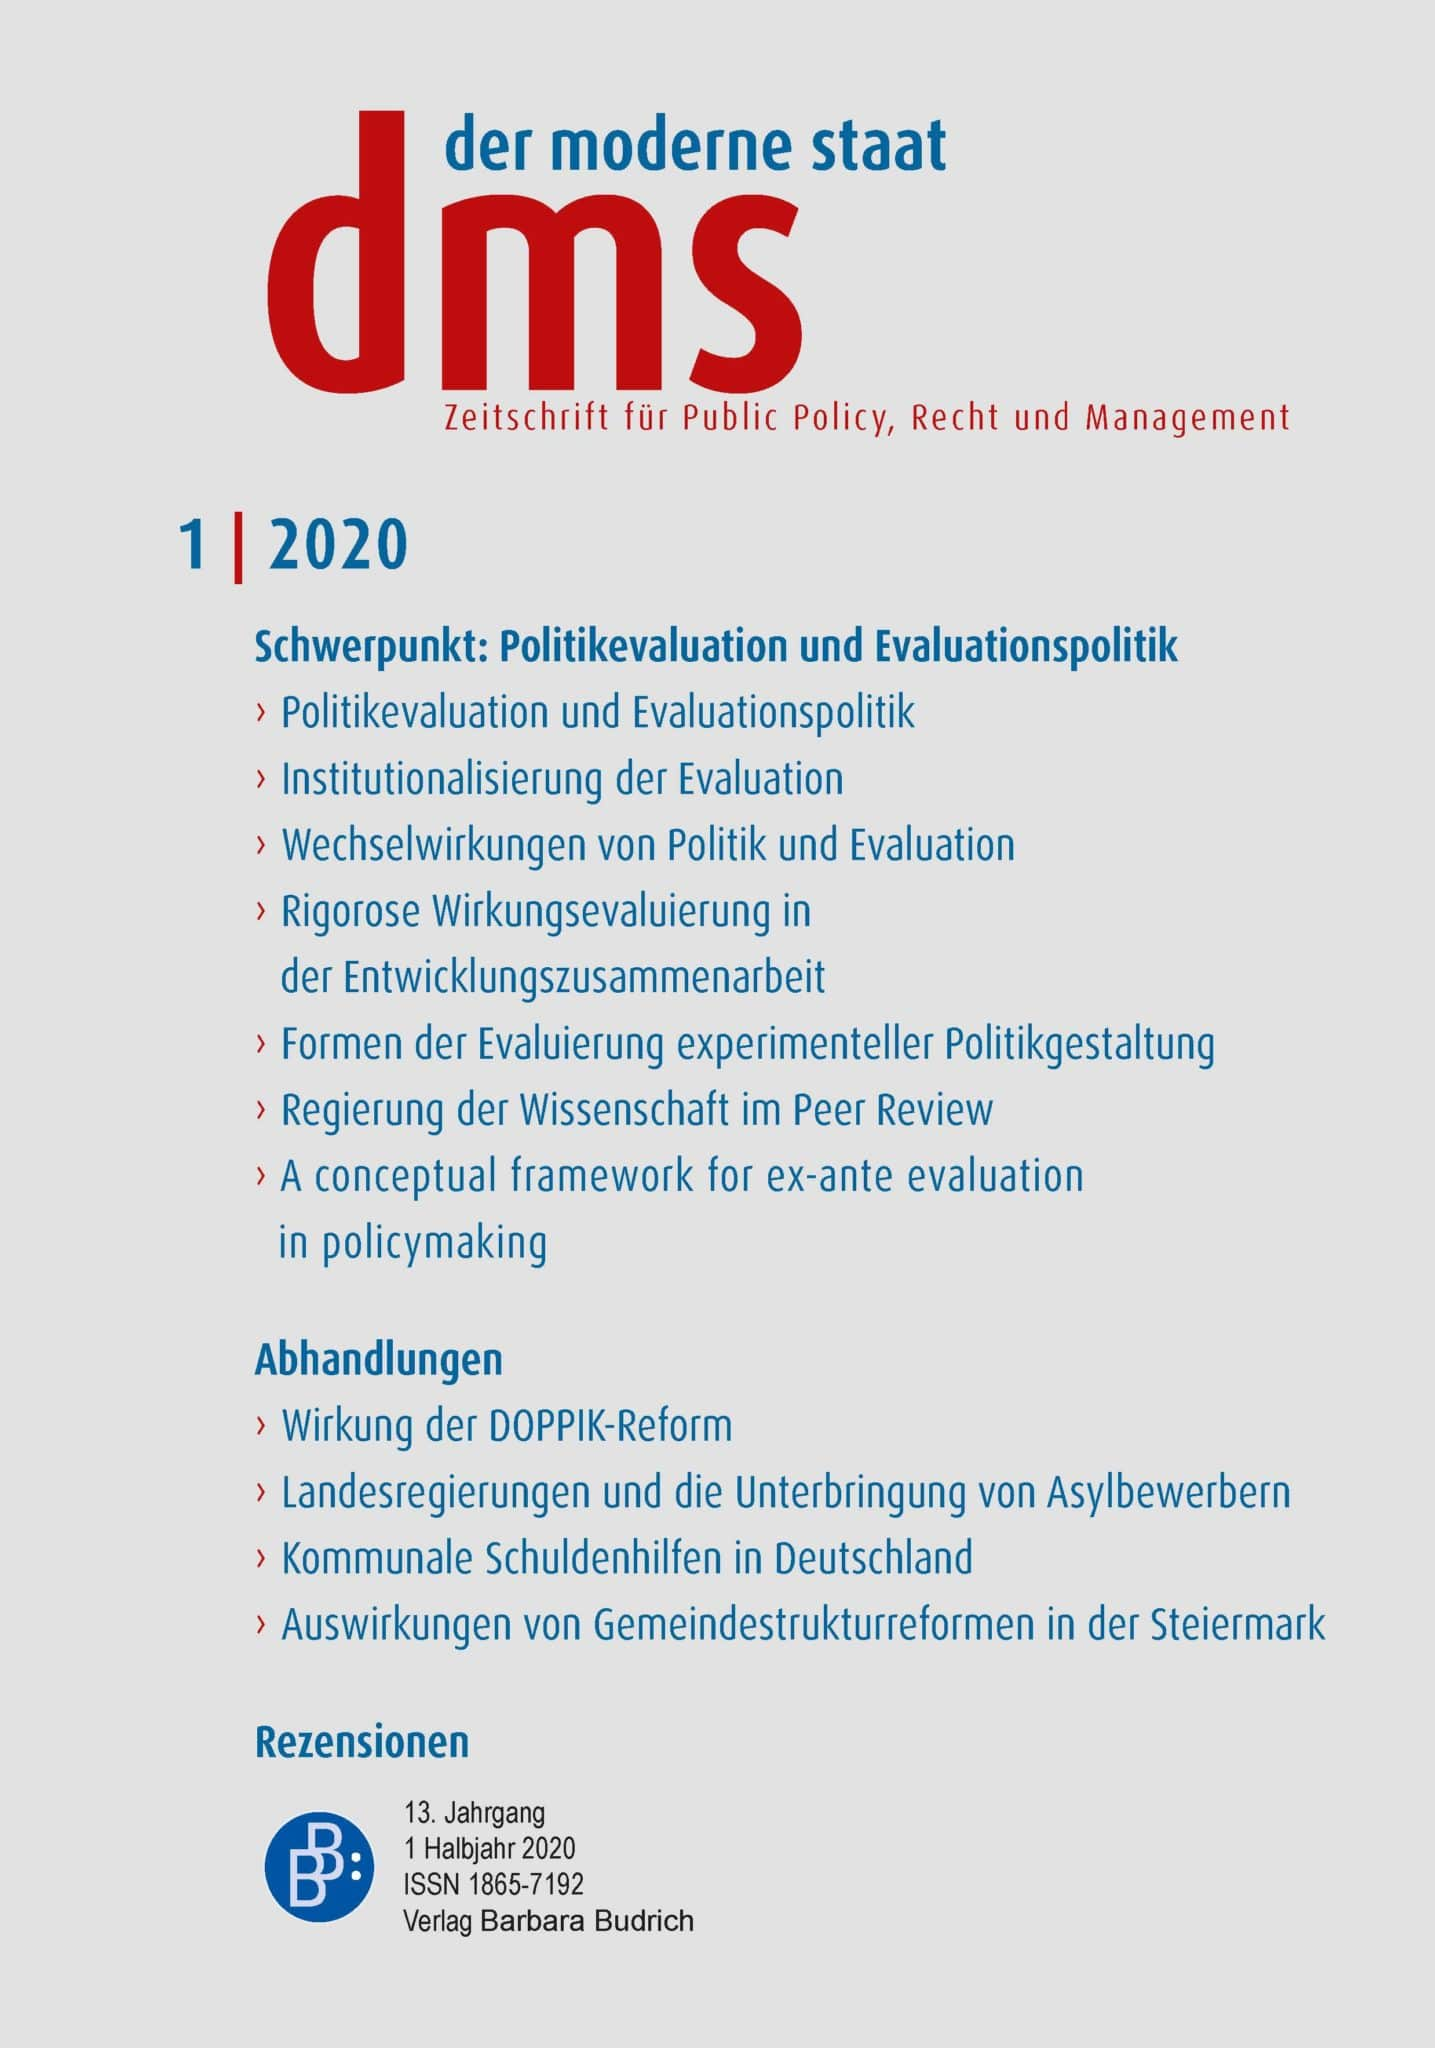 dms – der moderne staat – Zeitschrift für Public Policy, Recht und Management 1-2020: Politikevaluation und Evaluationspolitik